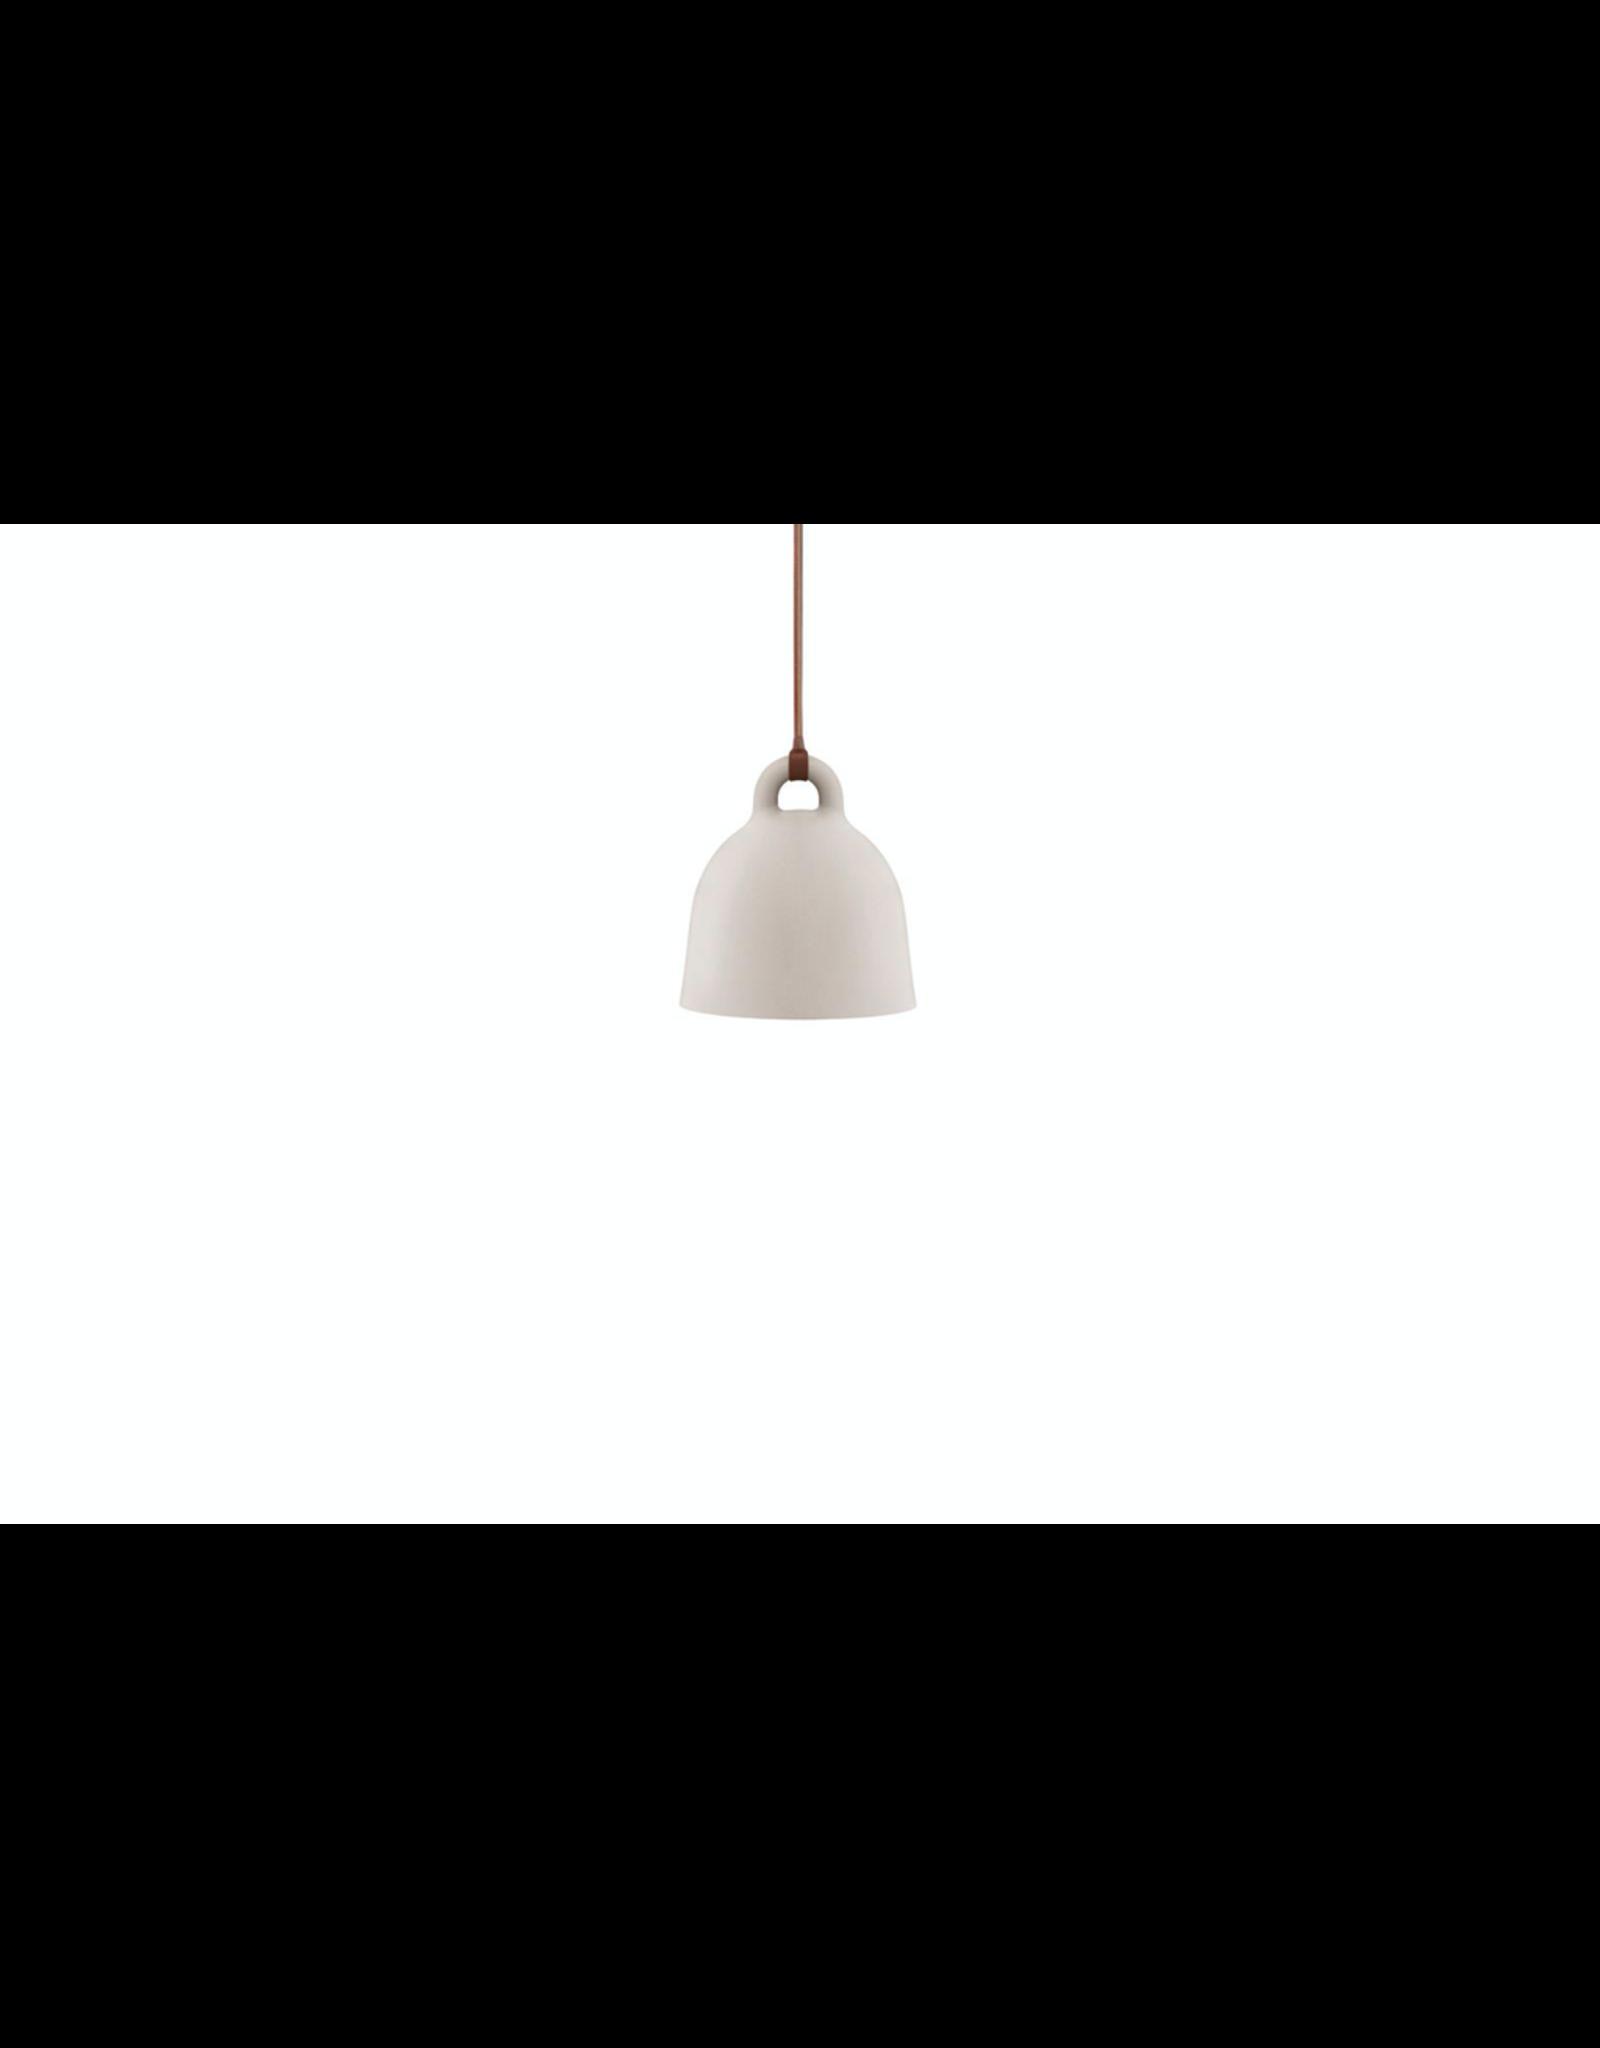 Normann Copenhagen Bell Lamp X-small sand D22cm